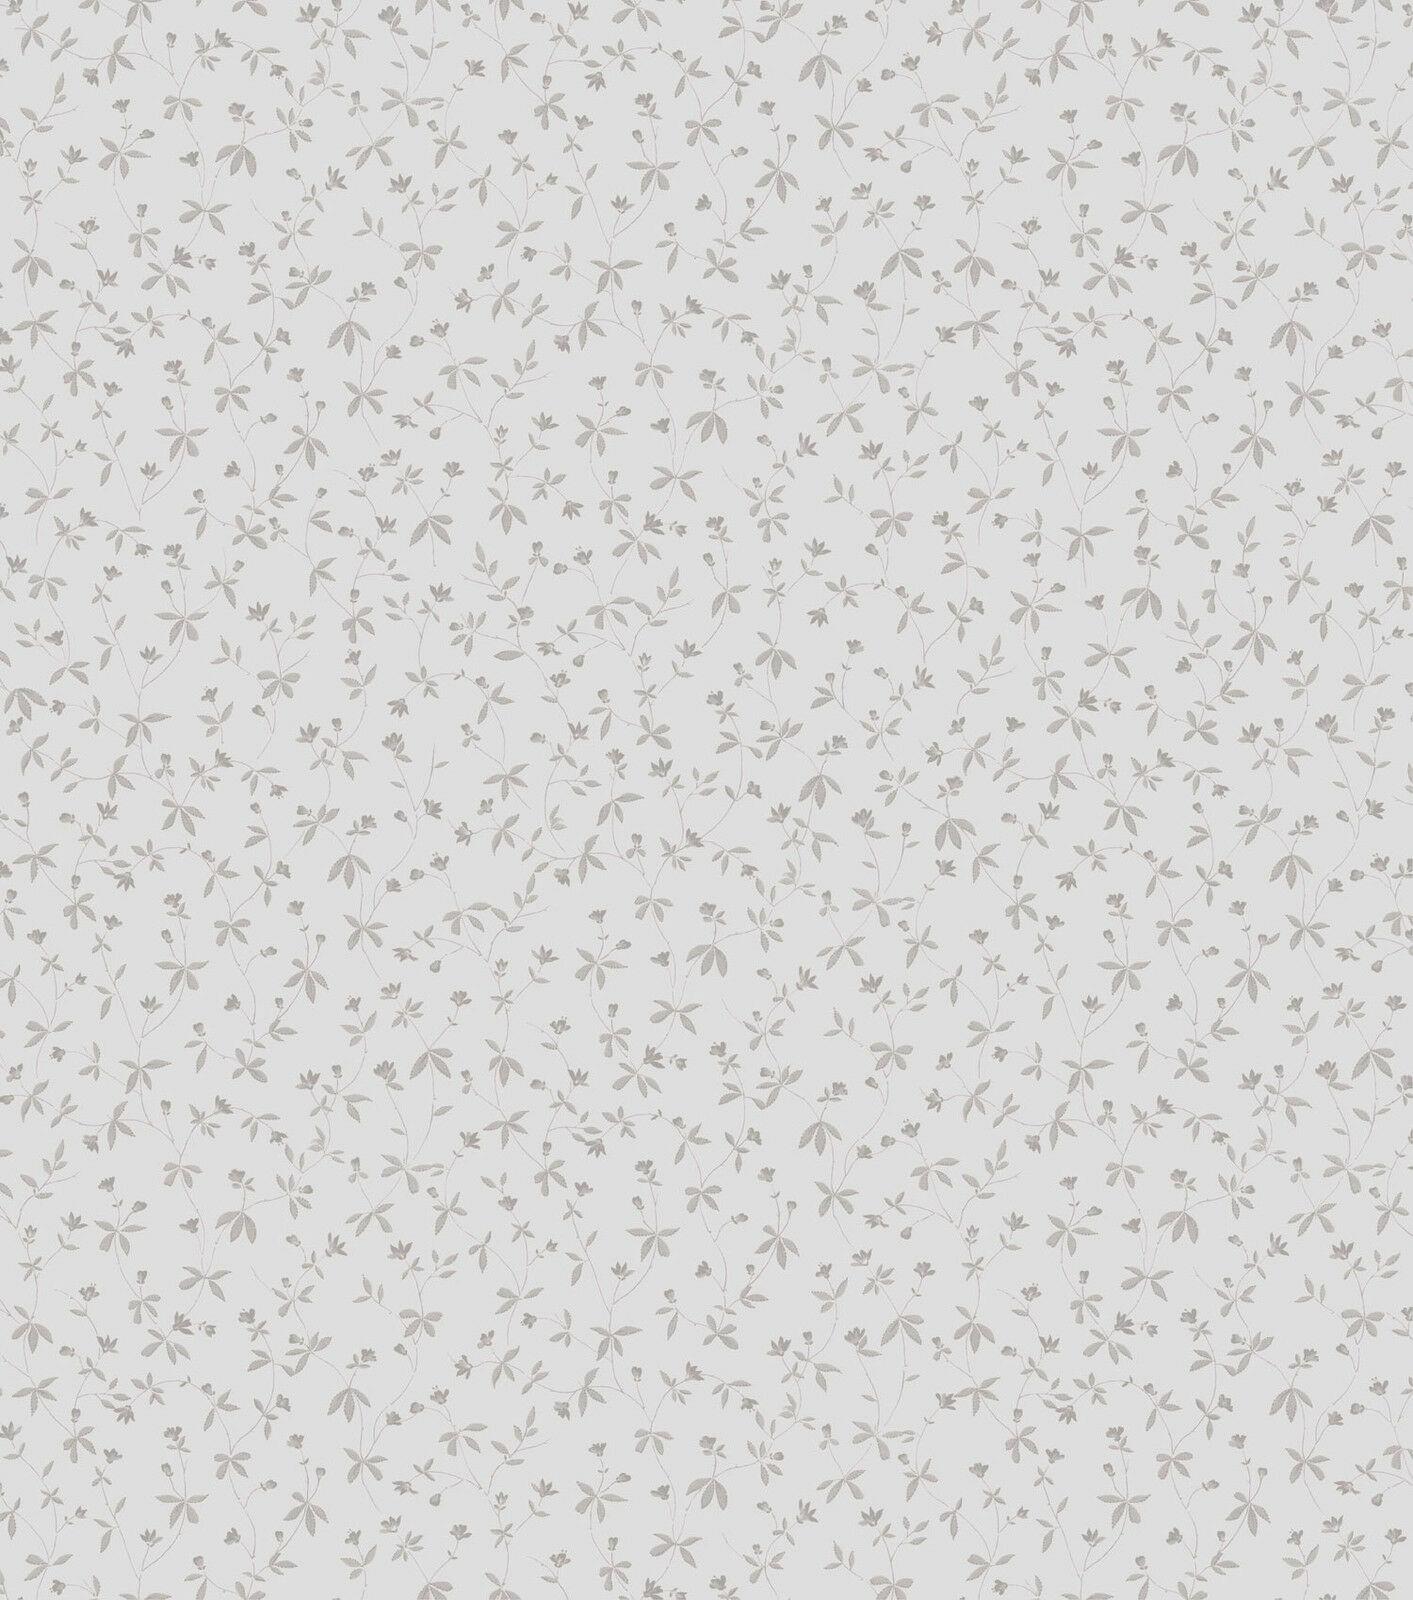 Full Size of Küchentapete Landhausstil Tapeten Mehr Als 10000 Angebote Schlafzimmer Weiß Esstisch Betten Bett Küche Bad Sofa Boxspring Wohnzimmer Regal Wohnzimmer Küchentapete Landhausstil